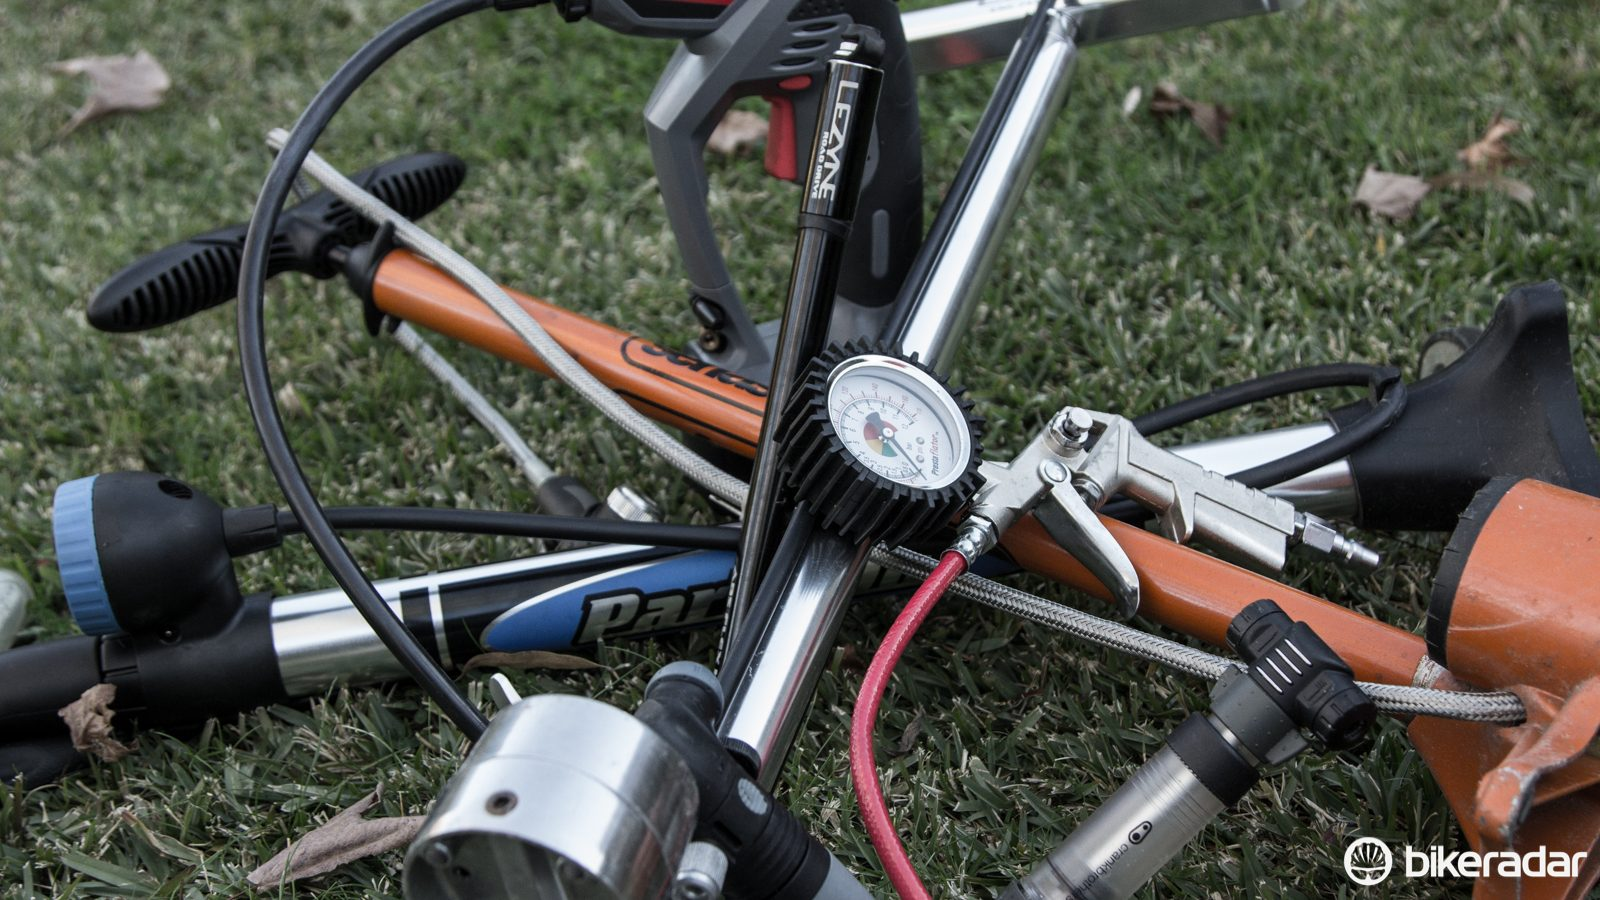 LARGE BICYCLE PUMP INFLATOR STANDING PUMP BIKE BICYCLE TOOLS PUMPS